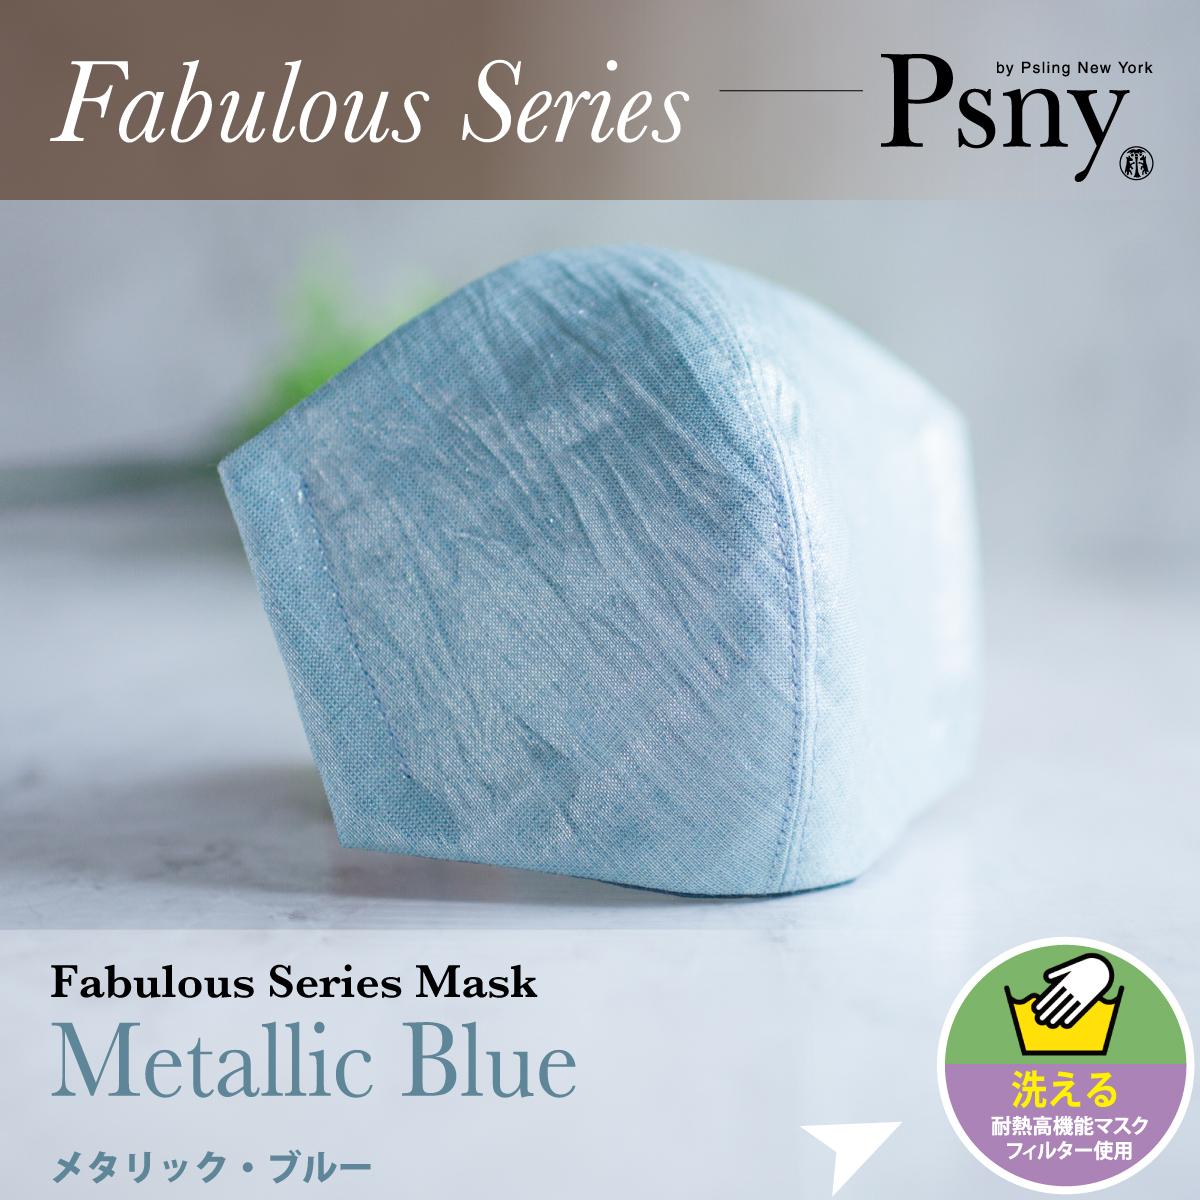 PSNY リーフ・ブルー(銀箔青 花粉 黄砂 洗える不織布フィルター入り 立体 大人用 マスク 送料無料 F17